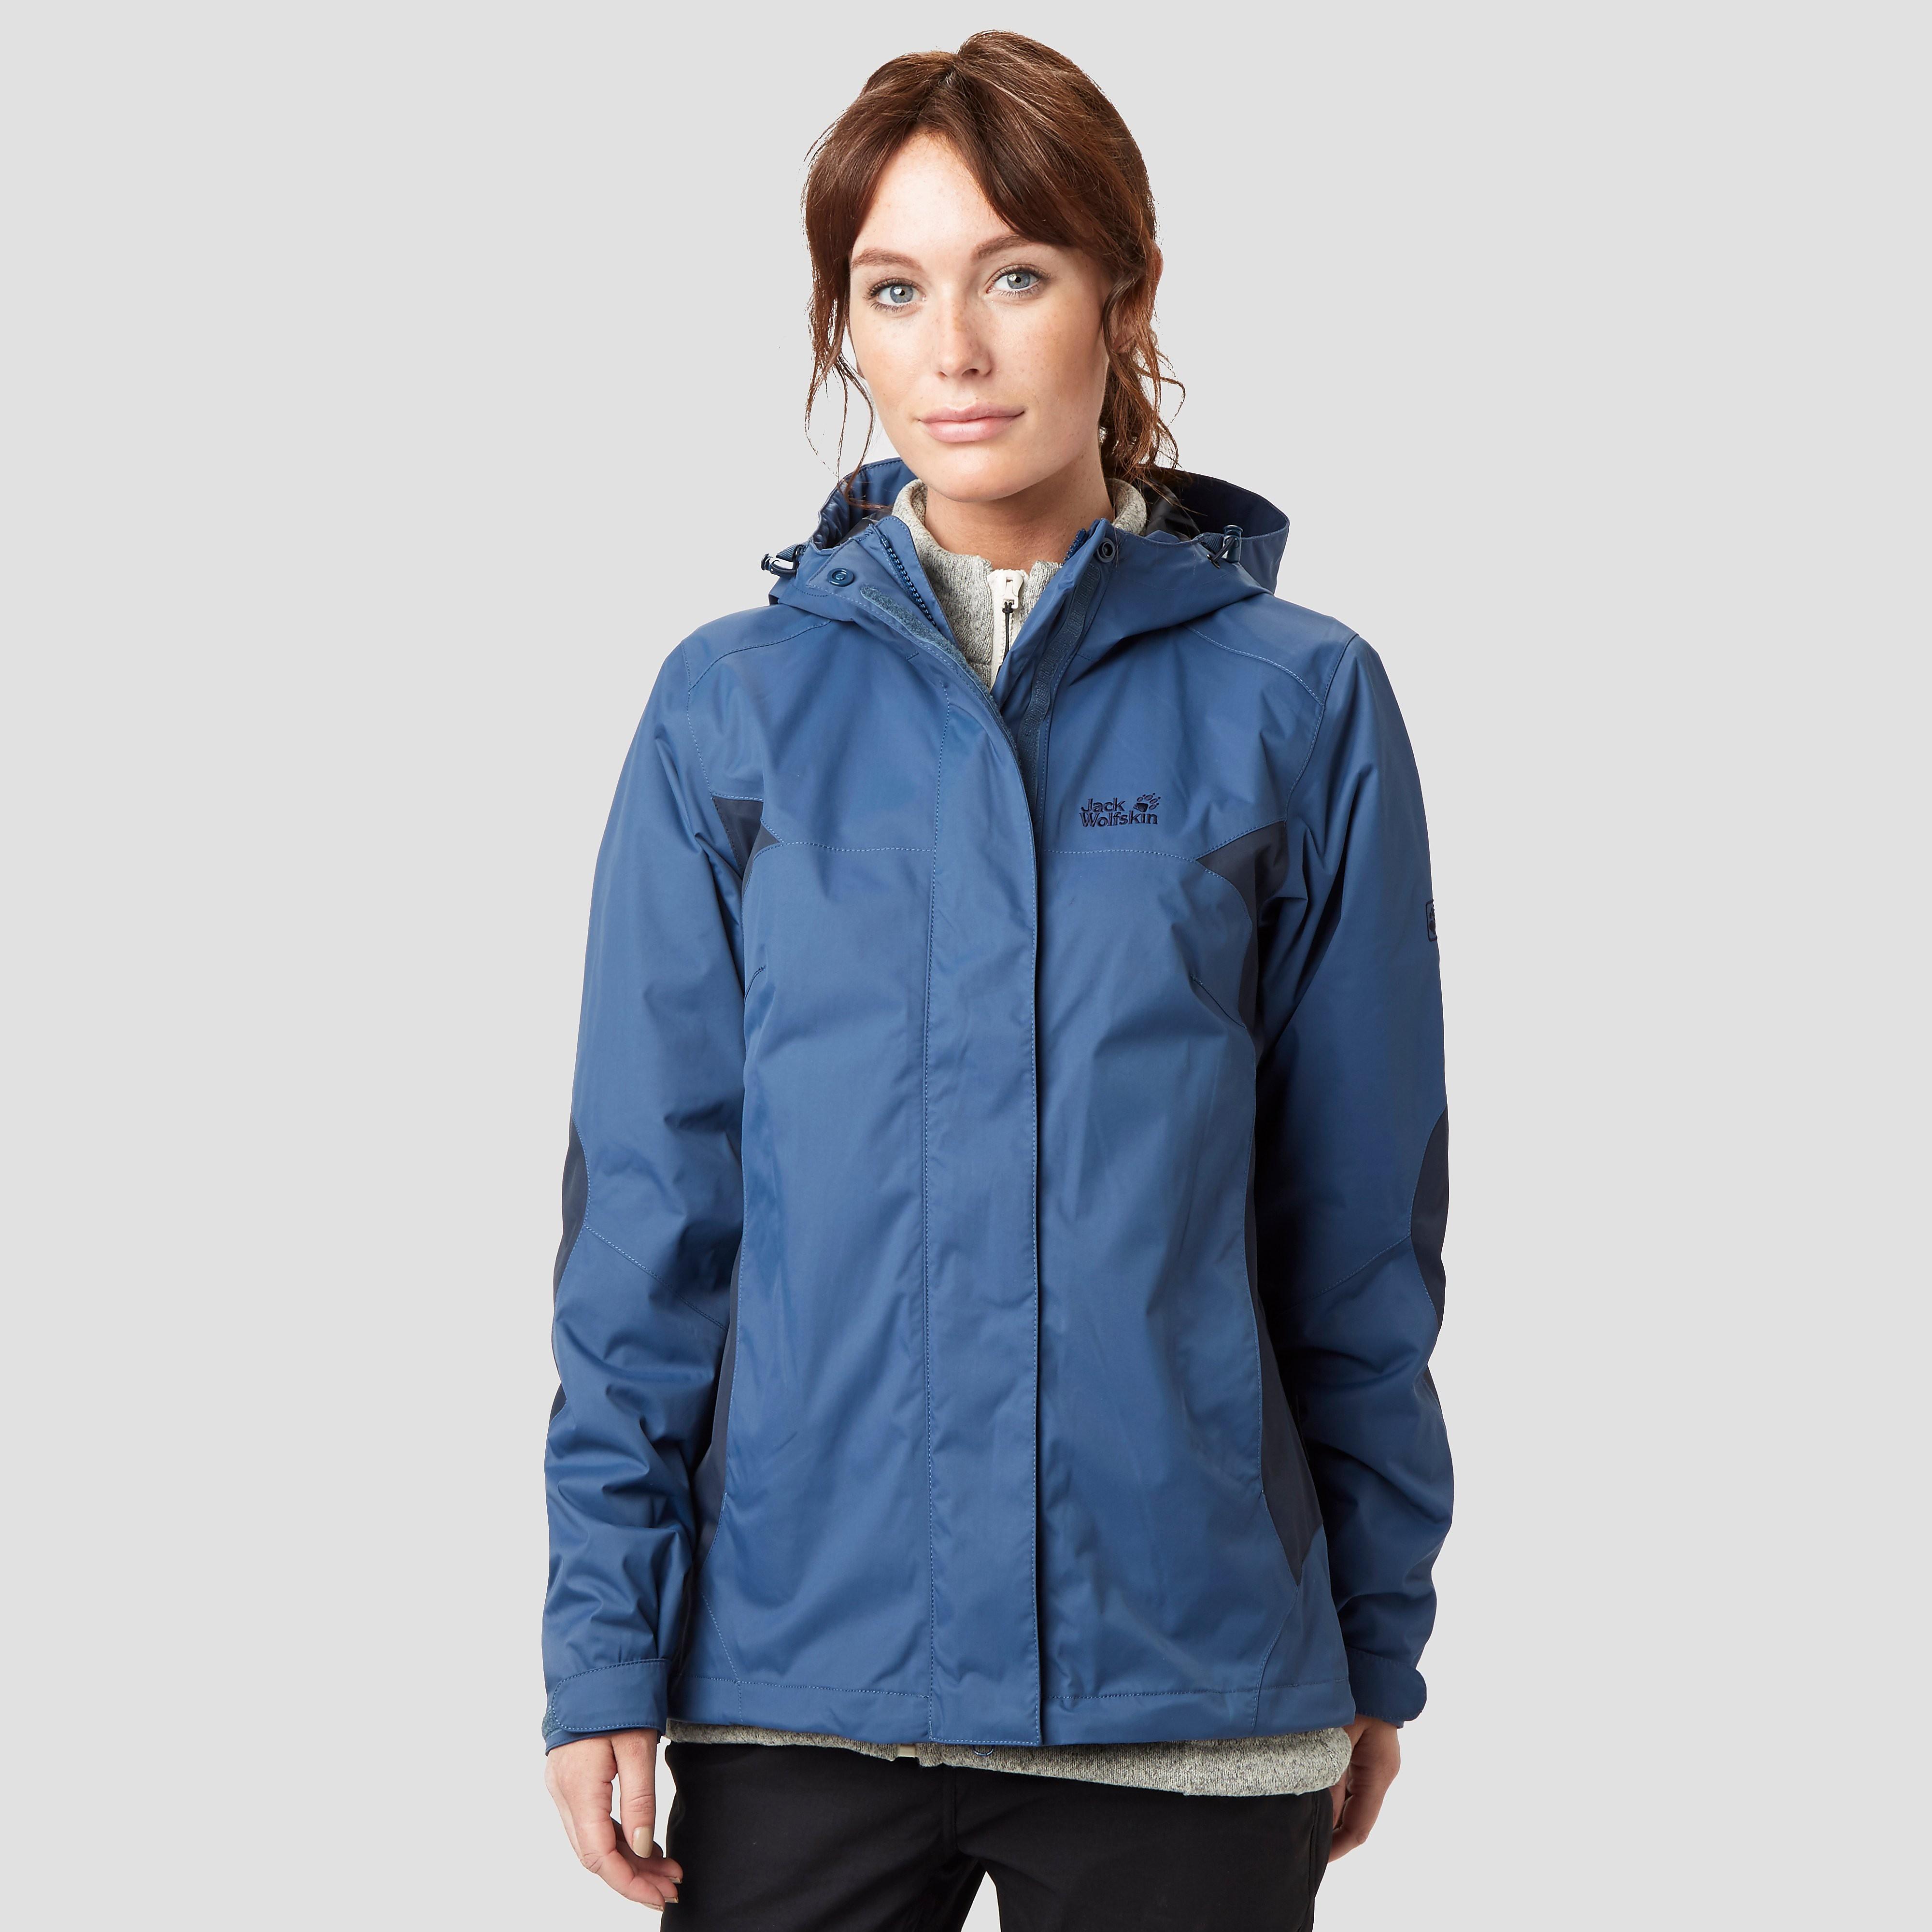 Jack Wolfskin Phenix Waterproof Women's Jacket